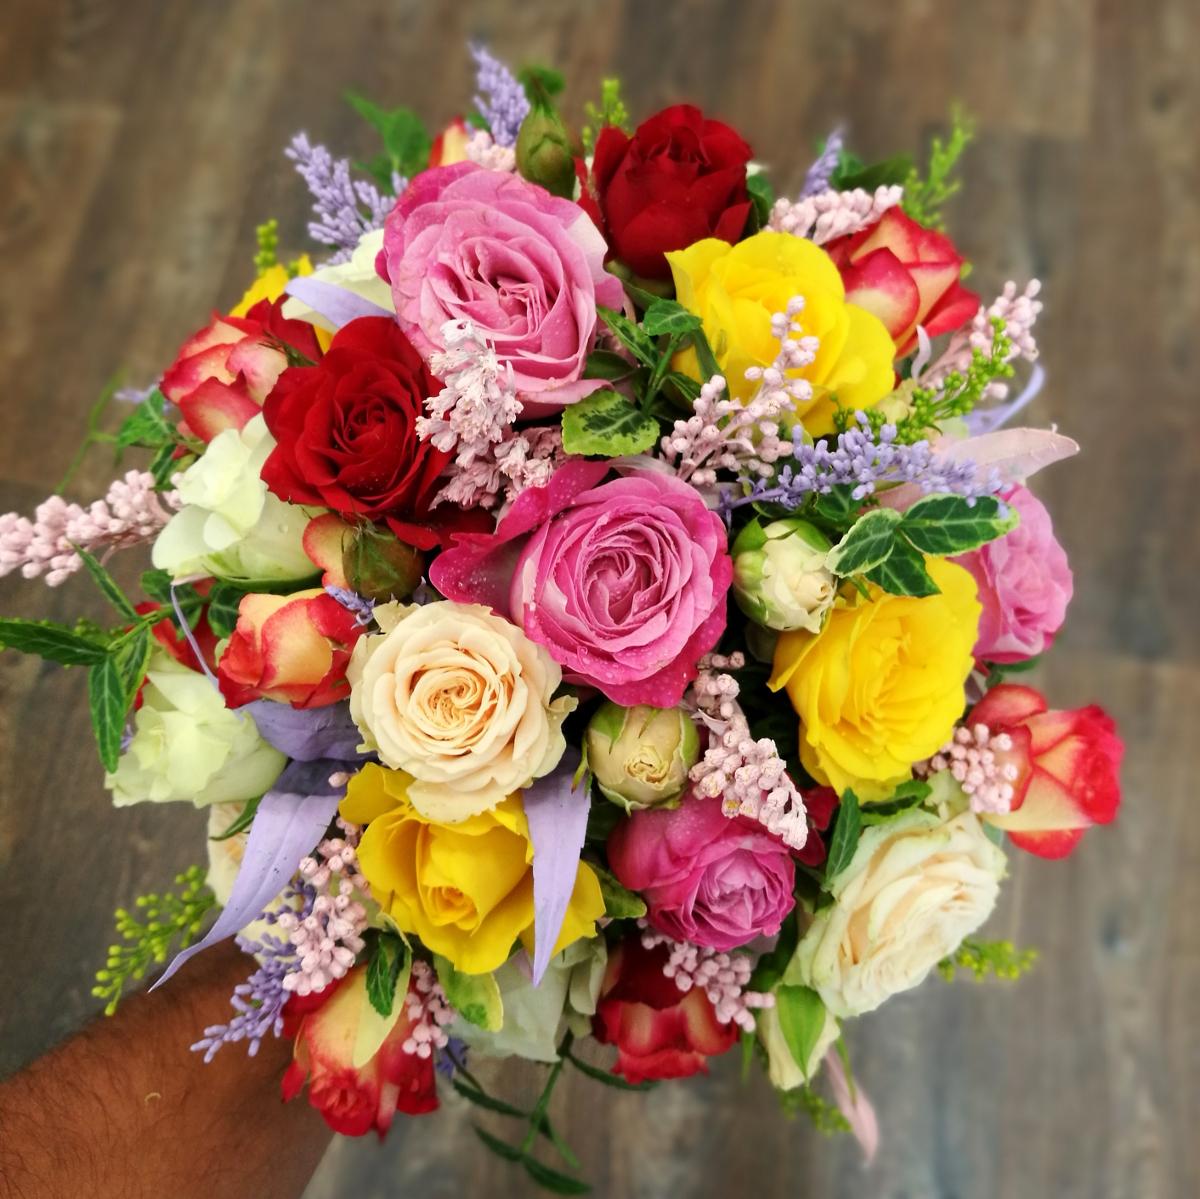 Top 10 Flori Pentru Buchetul Miresei Flori Aniversare